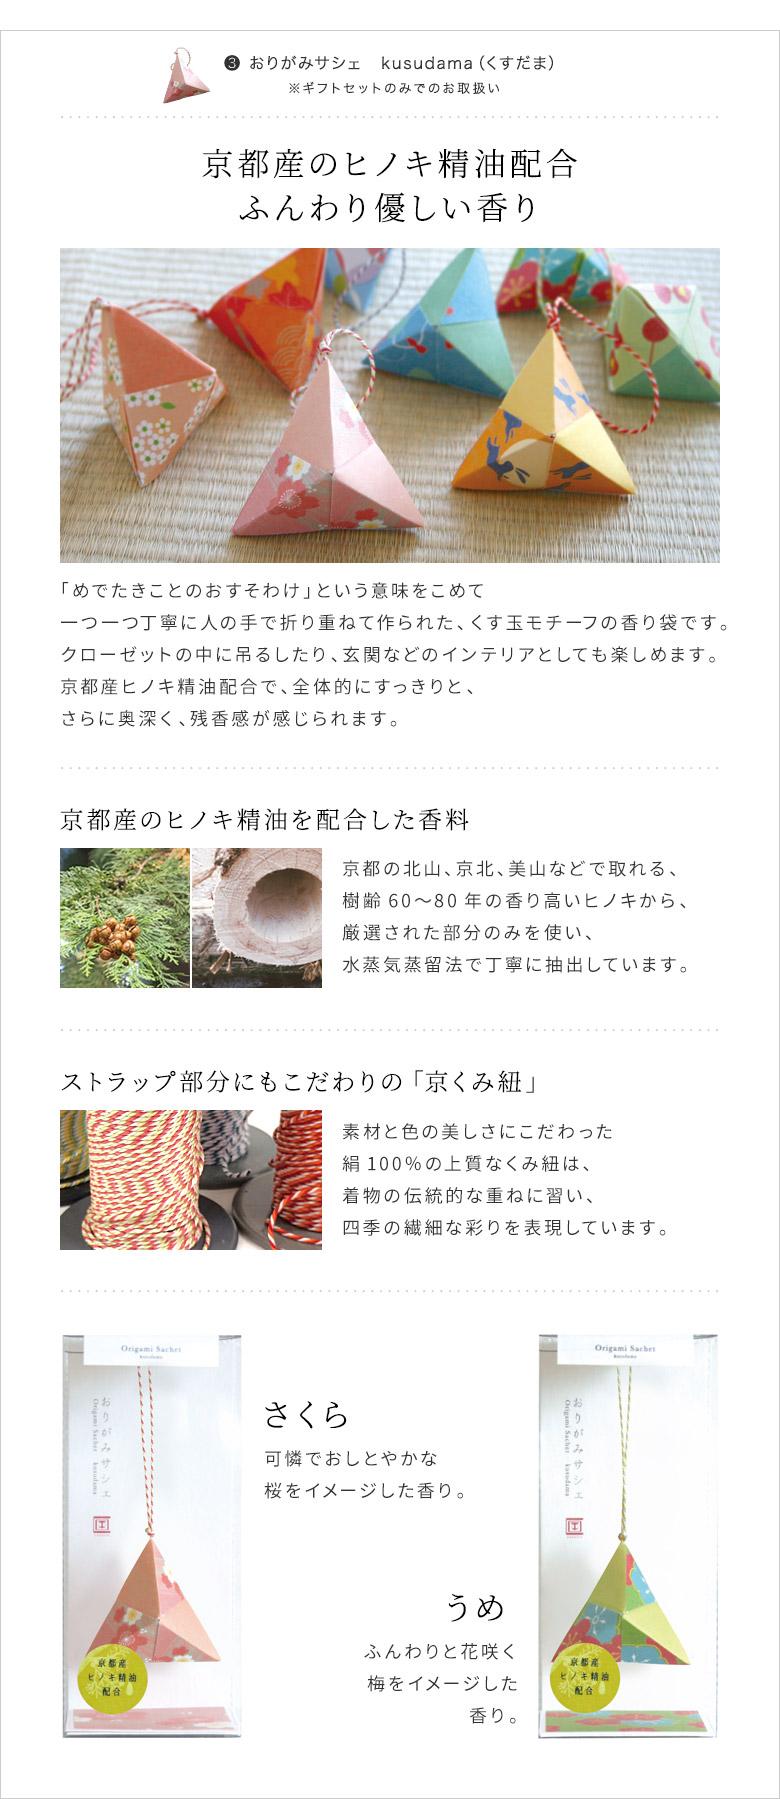 AYANOKOJI Gift set 2.6寸がま口財布【京ちりめん】ギフトセット おりがみサシェ kusudama(くすだま)の詳細説明 京都産のヒノキ精油配合ふんわり優しい香り。「めでたきことのおすそわけ」という意味をこめて一つ一つ丁寧に人の手で折り重ねて作られた、くす玉モチーフの香り袋です。クローゼットの中に吊るしたり、玄関などのインテリアとしても楽しめます。京都産ヒノキ精油配合で、全体的にすっきりと、さらに奥深く、残香感が感じられます。京都産のヒノキ精油を配合した香料。京都の北山、京北、美山などで取れる、樹齢60〜80年の香り高いヒノキから、厳選された部分のみを使い、水蒸気蒸留法で丁寧に抽出しています。ストラップ部分にもこだわりの「京くみ紐」。素材と色の美しさにこだわった絹100%の上質なくみ紐は、着物の伝統的な重ねに習い、四季の繊細な彩りを表現しています。さくらは可憐でおしとやかな桜をイメージした香り。うめはふんわりと花咲く梅をイメージした香り。